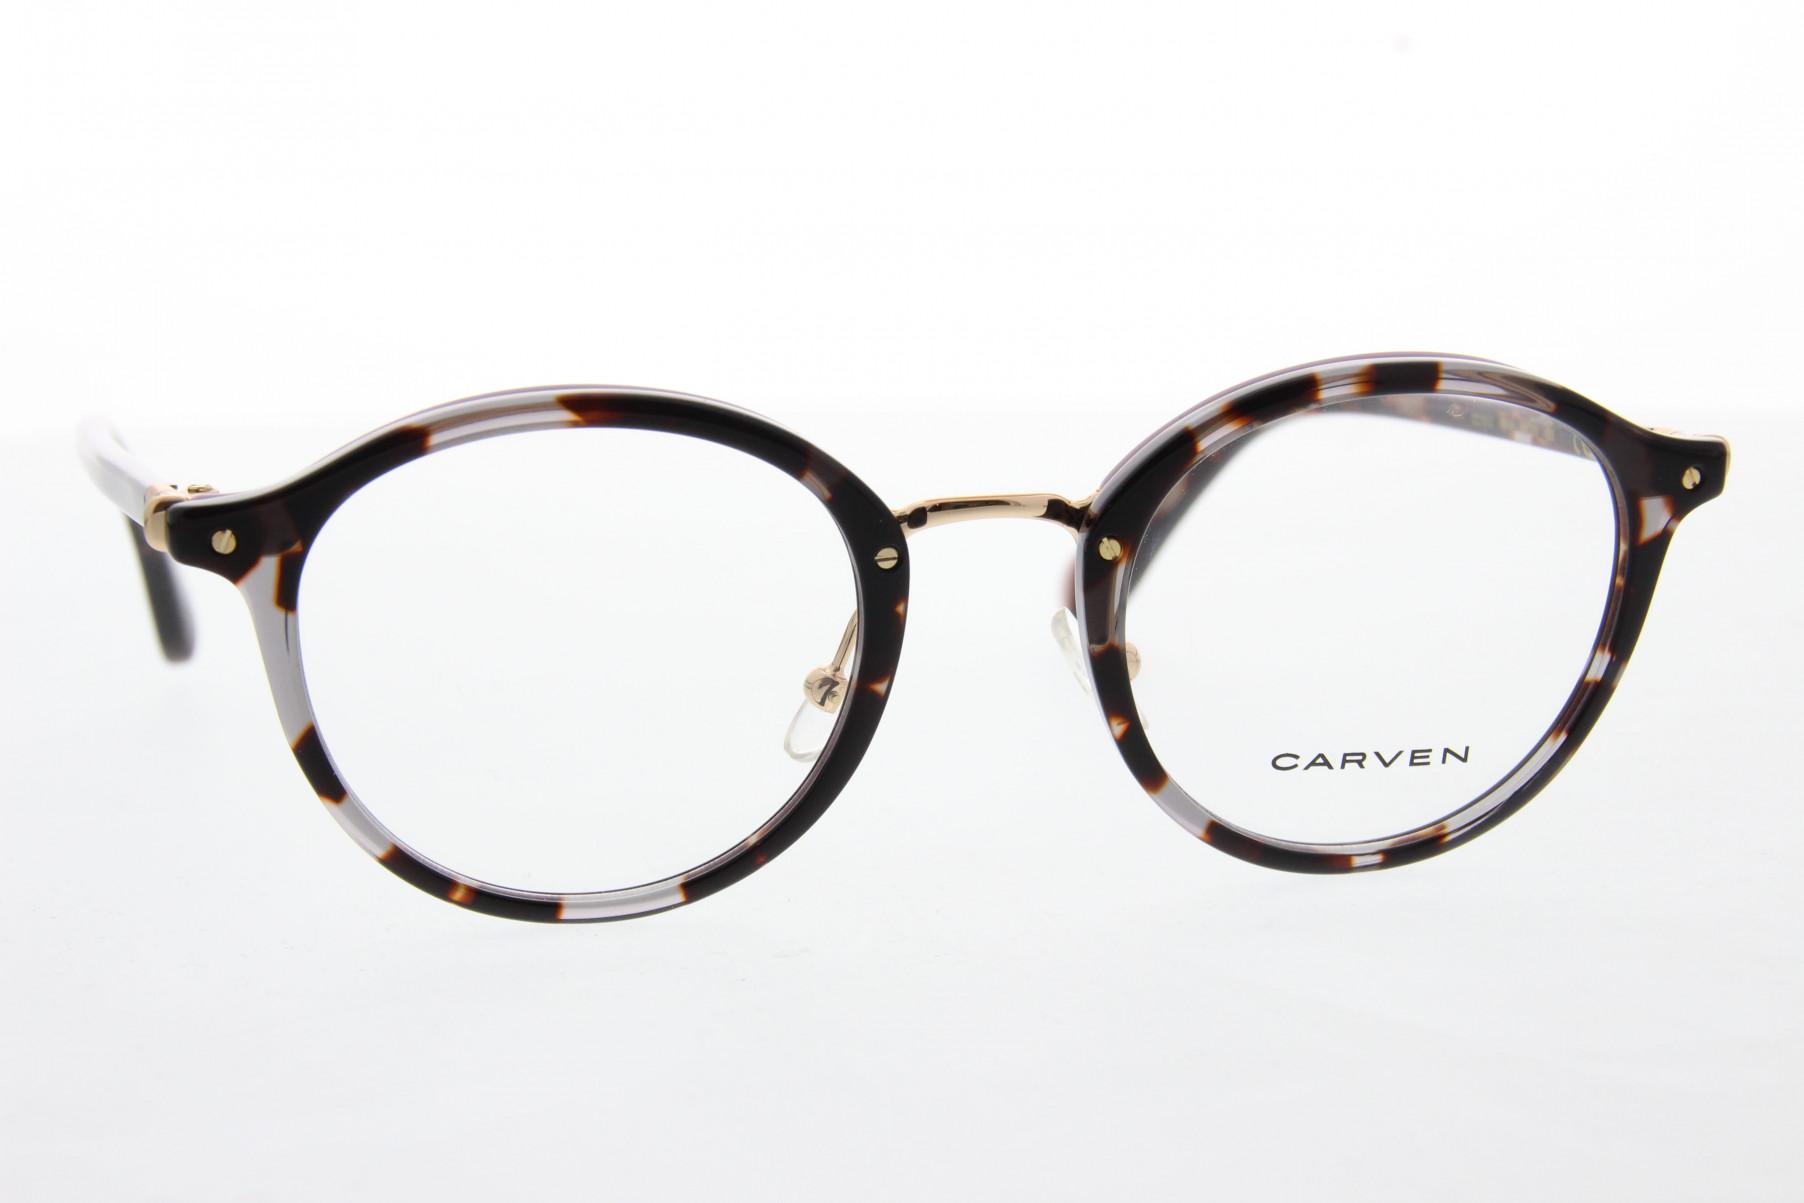 Carven 2019 T17.jpg